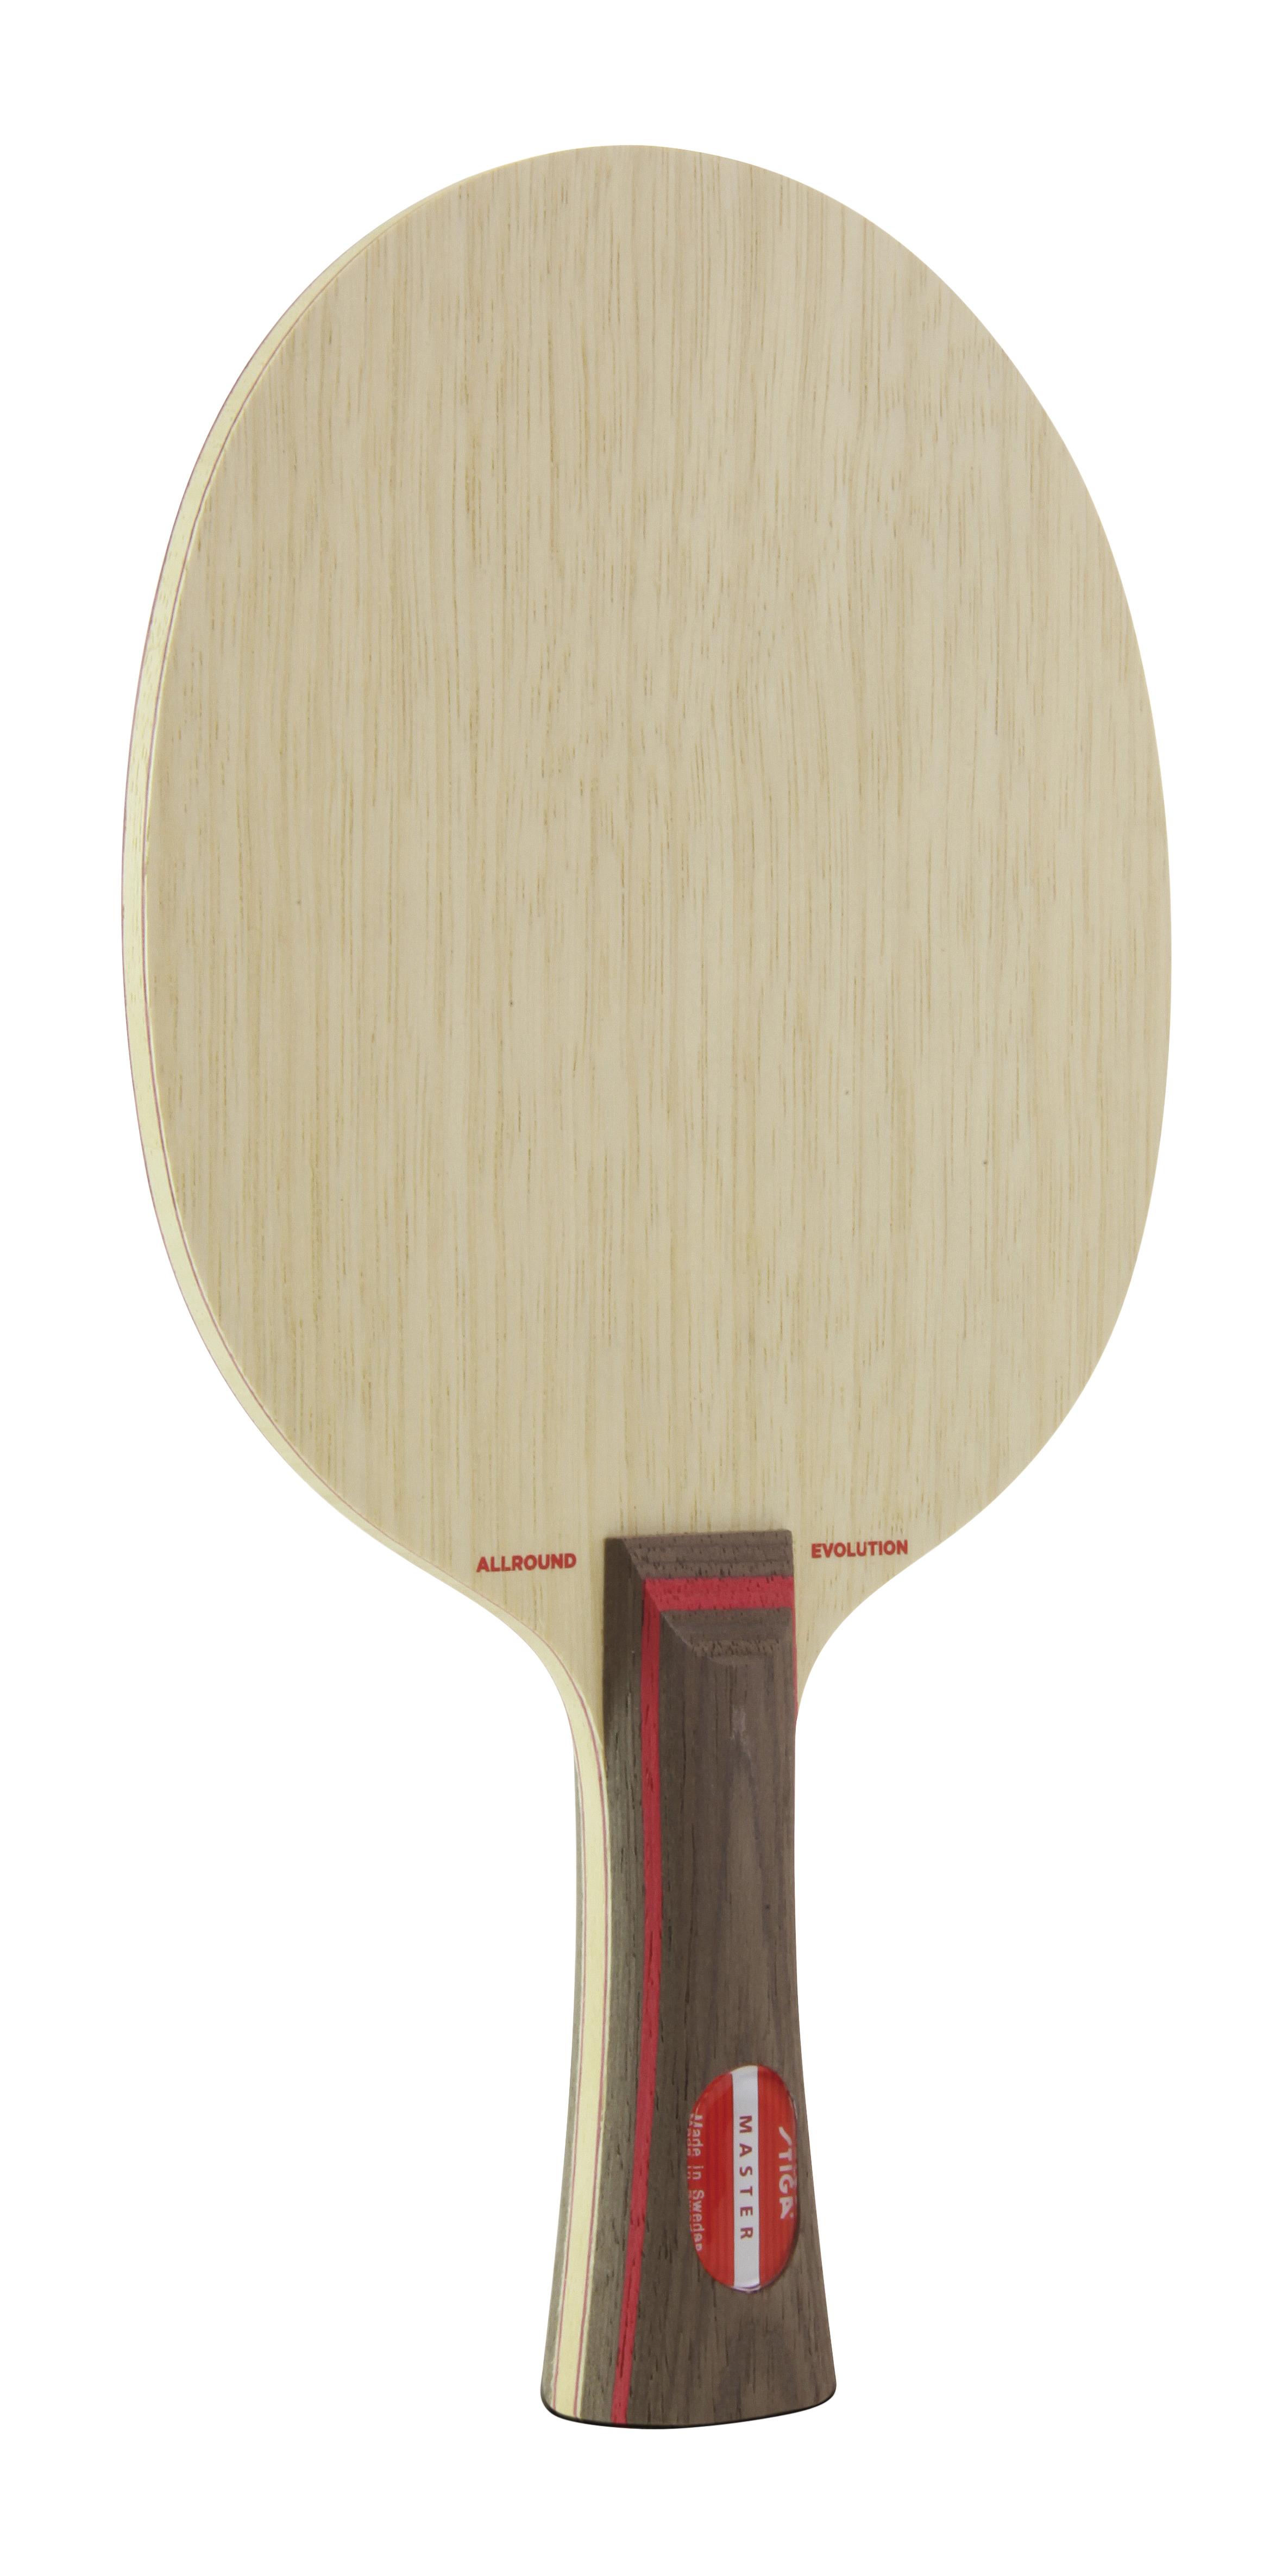 stiga-allround-evolution-tischtennis-holz